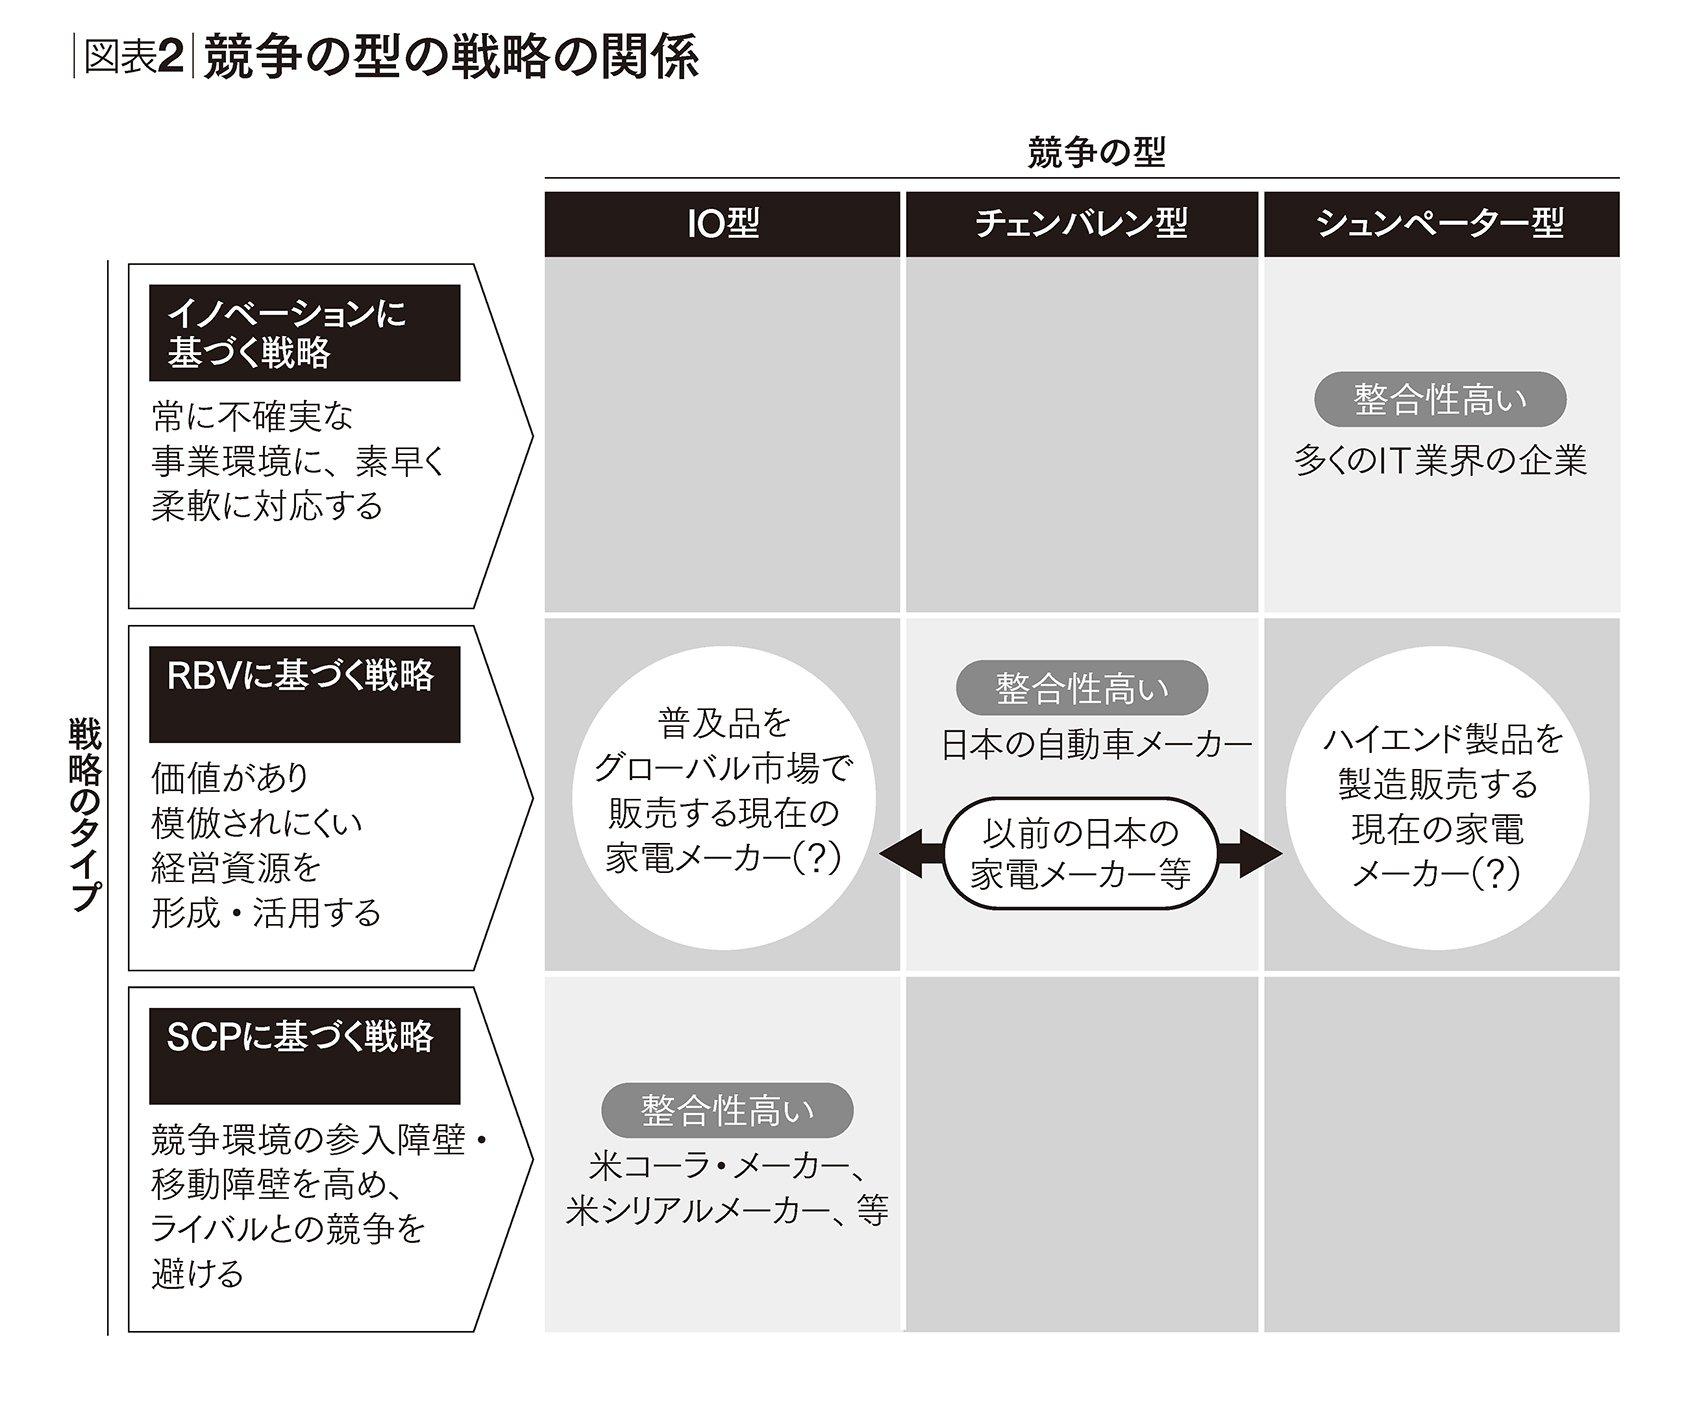 日本の家電メーカーが見過ごしている「競争の型」 | 世界標準の経営 ...